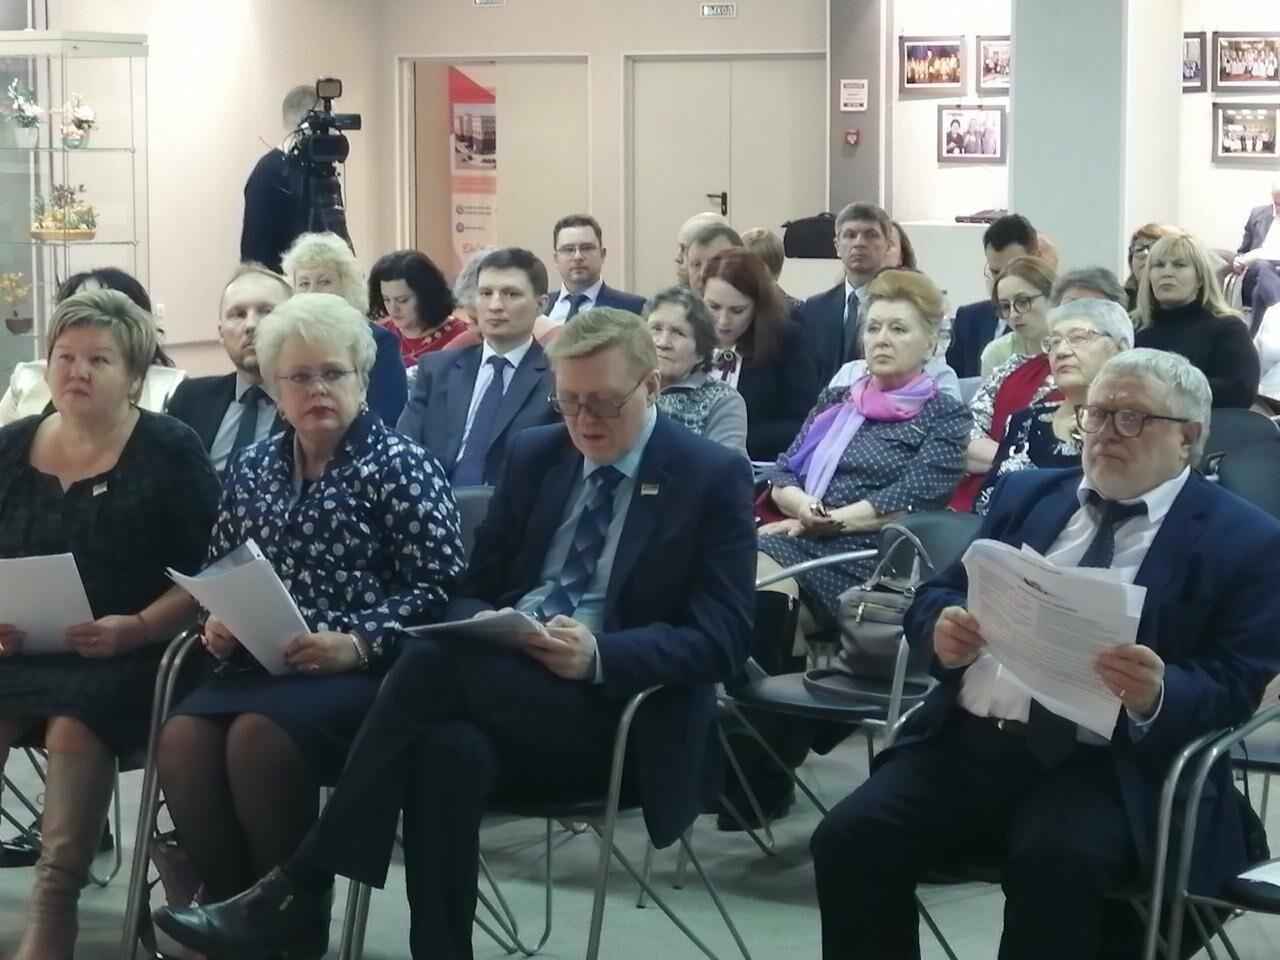 В пленарном заседании приняли участие Валентина Жиделева, Татьяна Саладина  и Владимир Жариков - Пресс-центра Госсовета РК